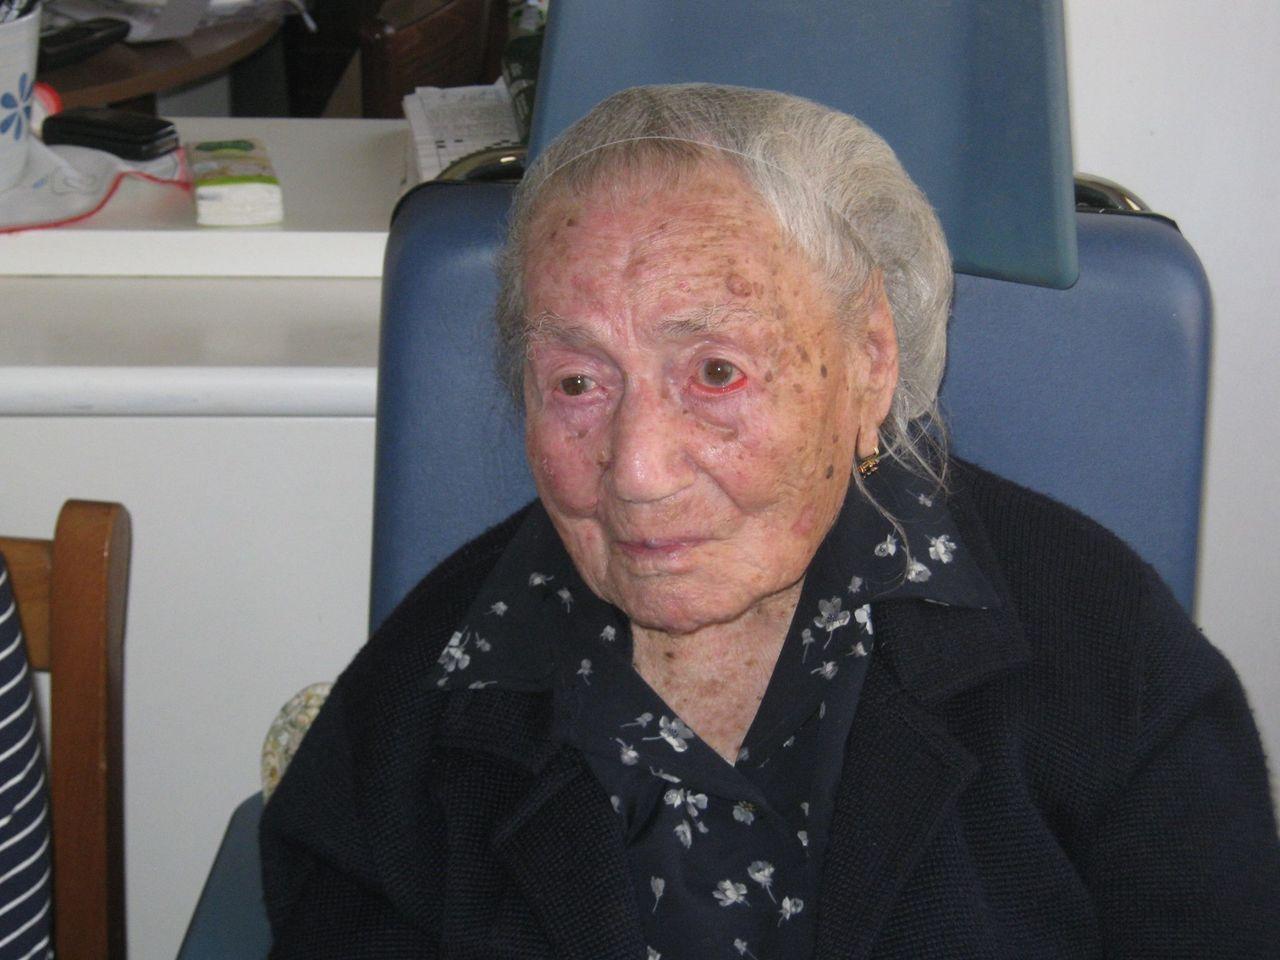 На117-м году жизни погибла старейшая женщина Европы